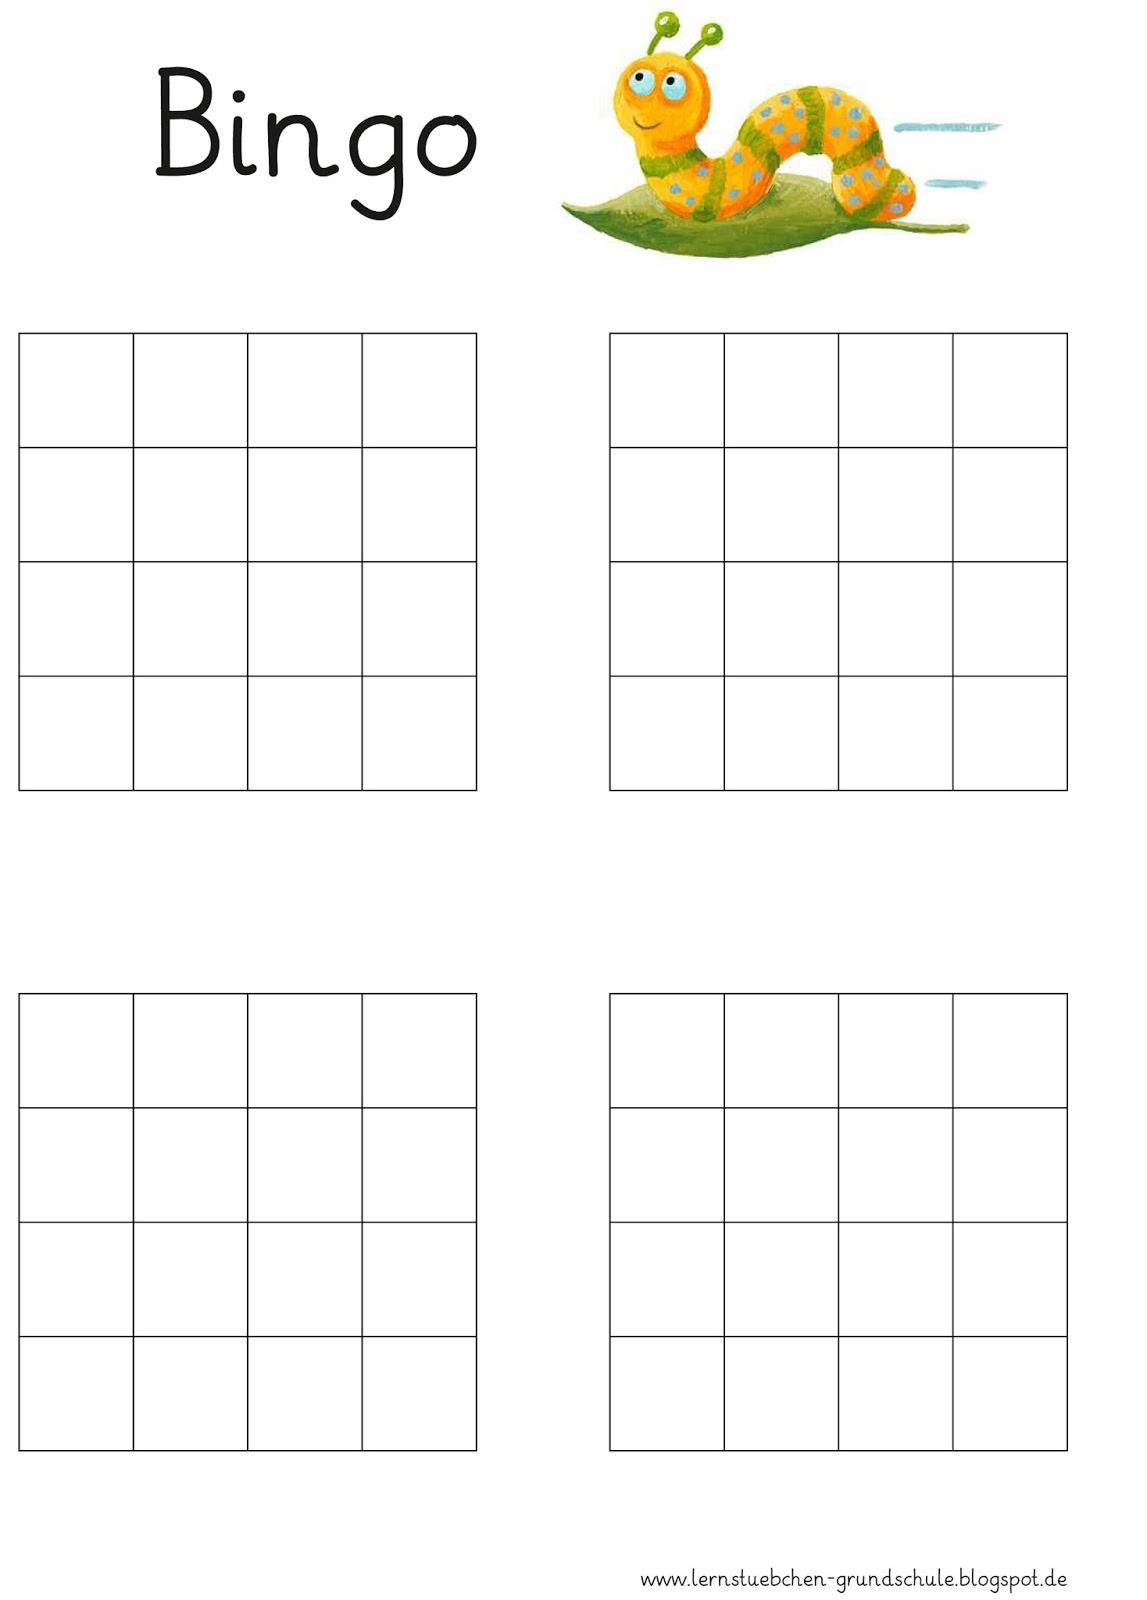 Lernstübchen: eine Bingovorlage ohne Zahlen